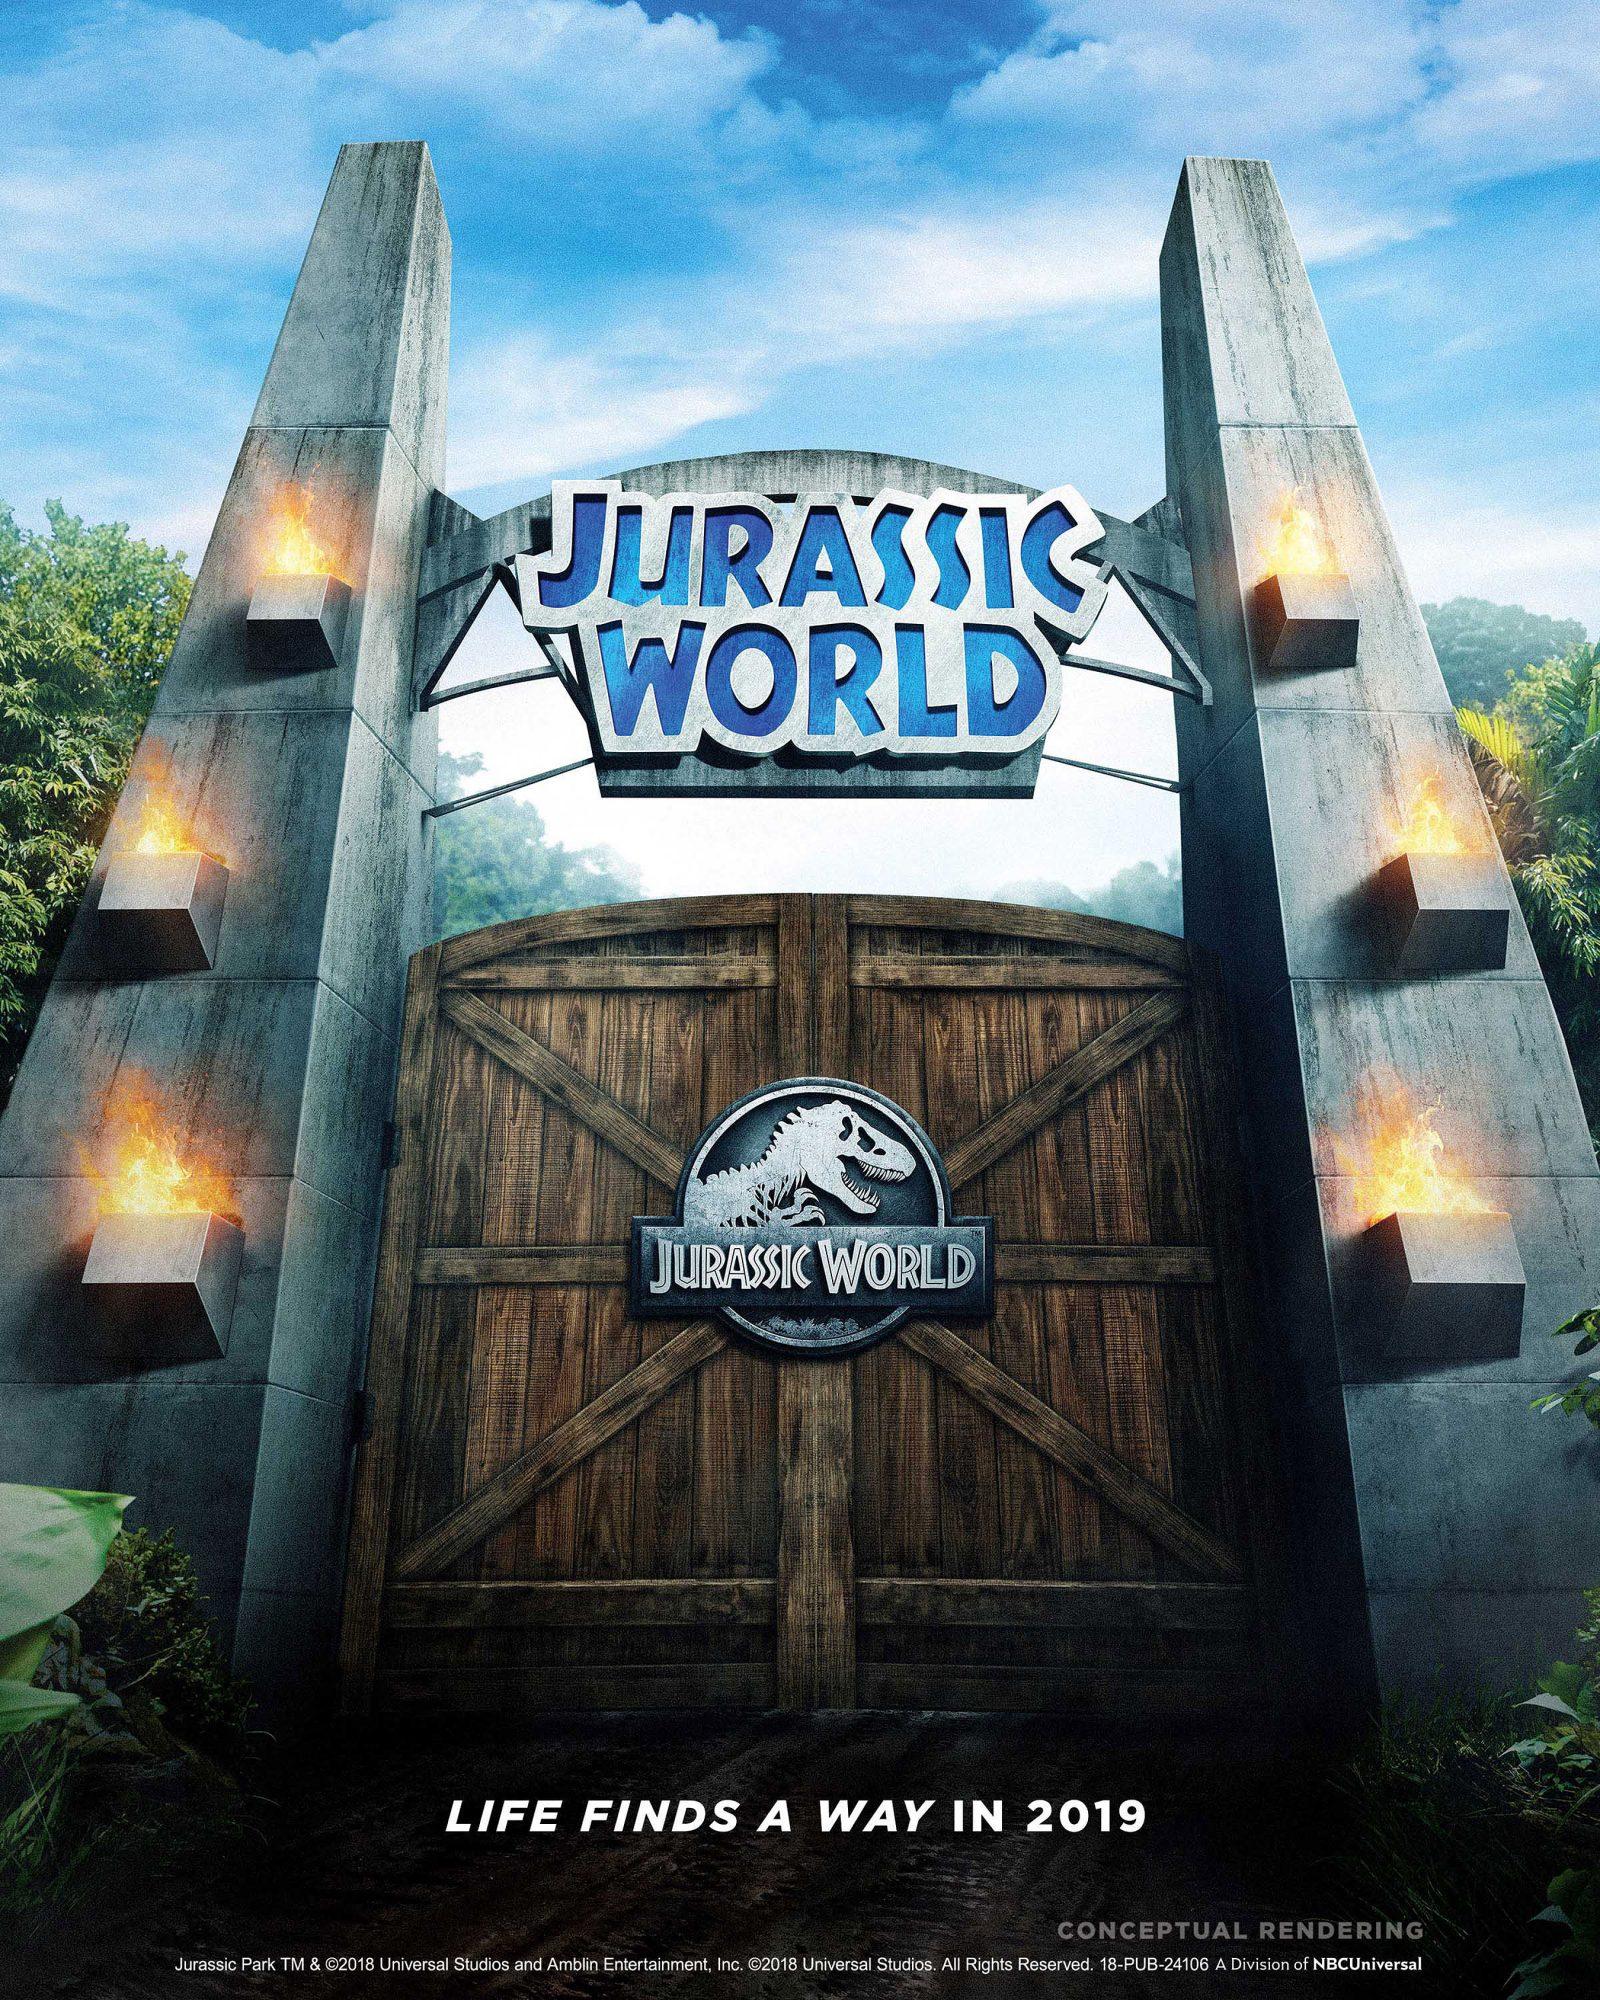 Jurassic World at UniversalCredit: Universal